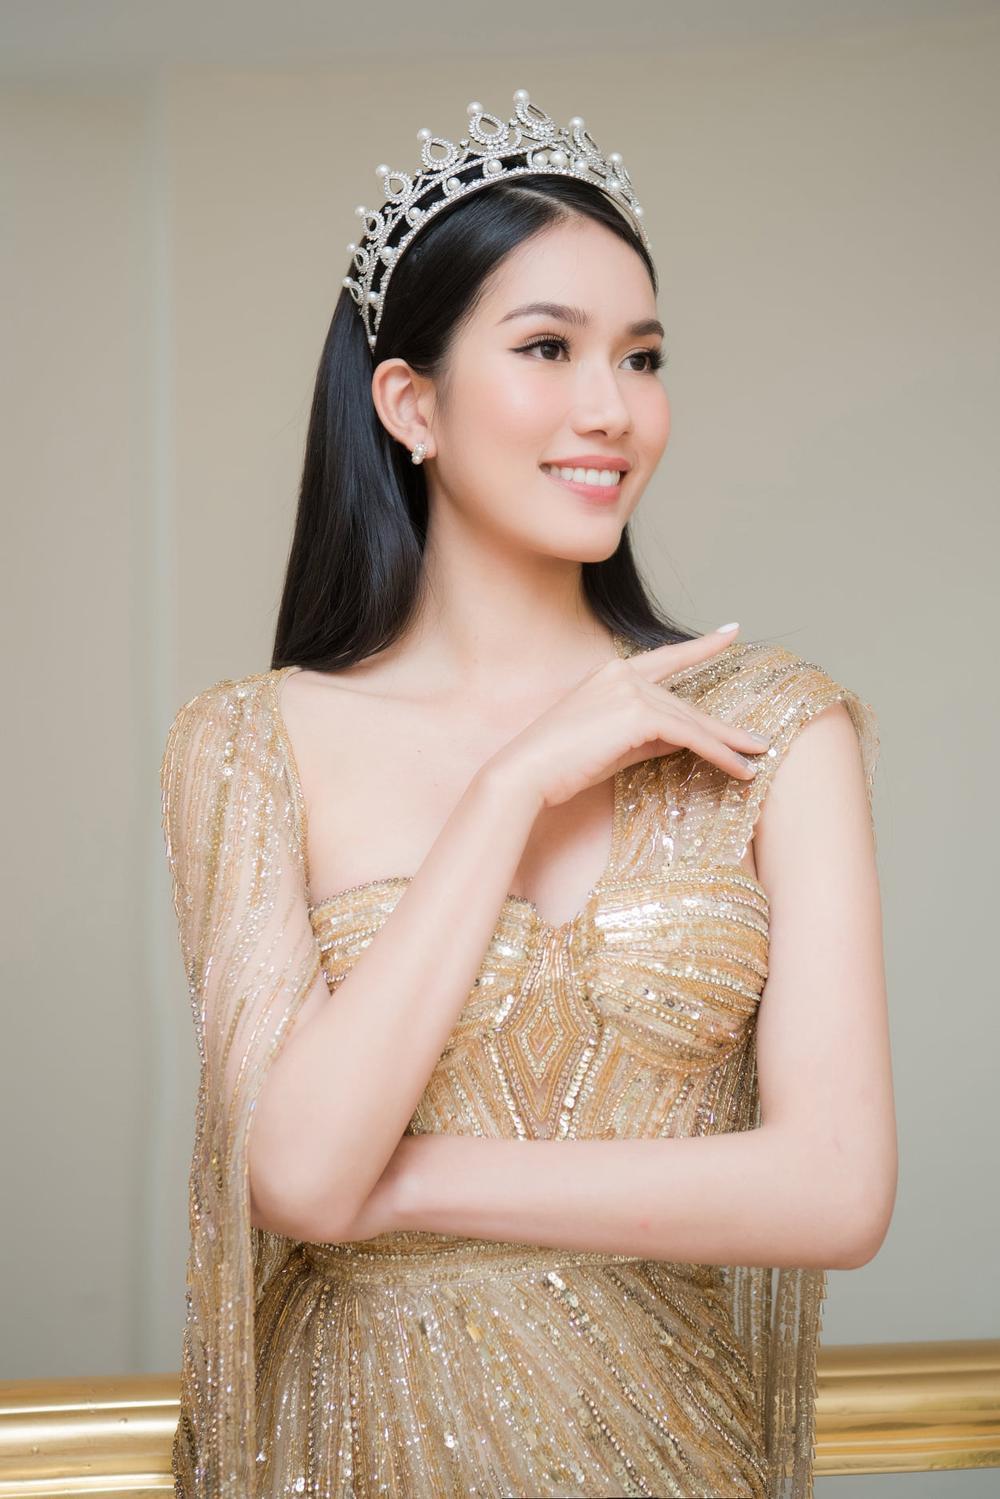 Lương Thùy Linh - Kiều Loan - Phương Anh ủng hộ thí sinh thẩm mỹ thi hoa hậu nhưng 'đẹp thôi chưa đủ' Ảnh 2